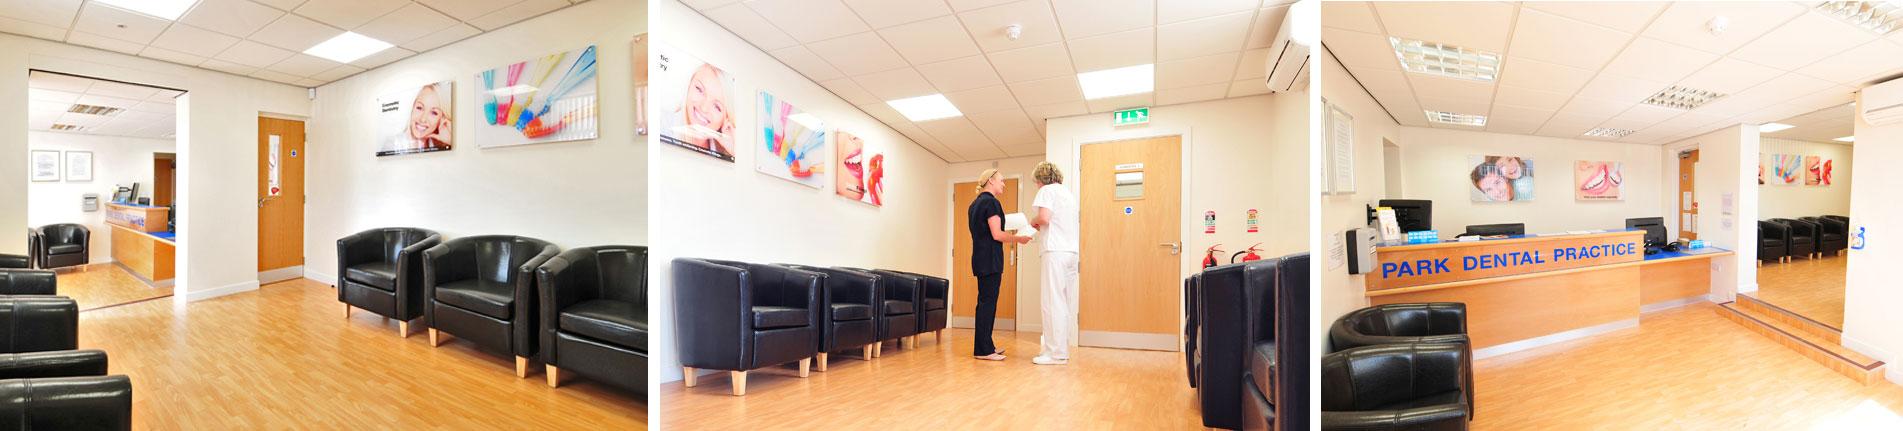 Park Dental Practice reception area design and build